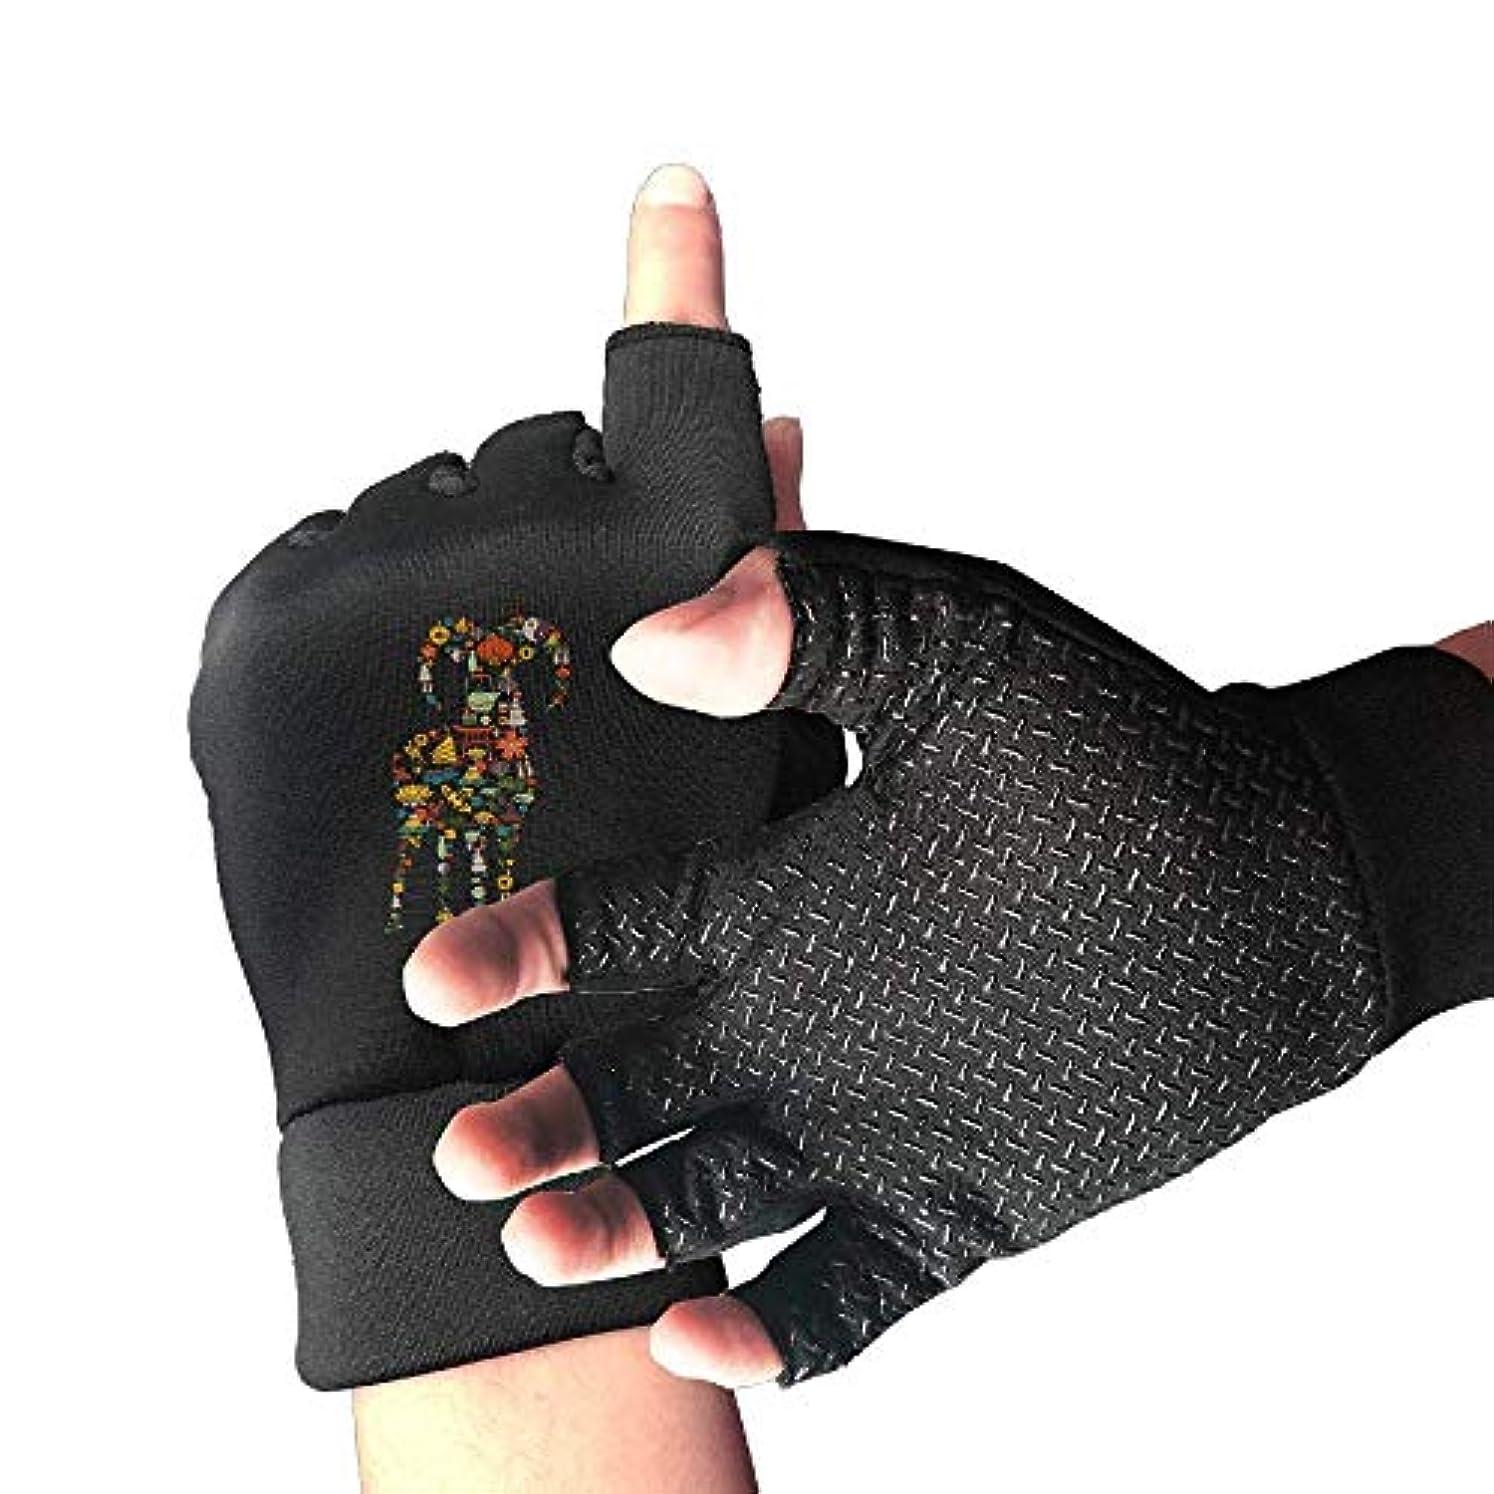 座標退屈に付けるCycling Gloves Sheep Art Men's/Women's Mountain Bike Gloves Half Finger Anti-Slip Motorcycle Gloves